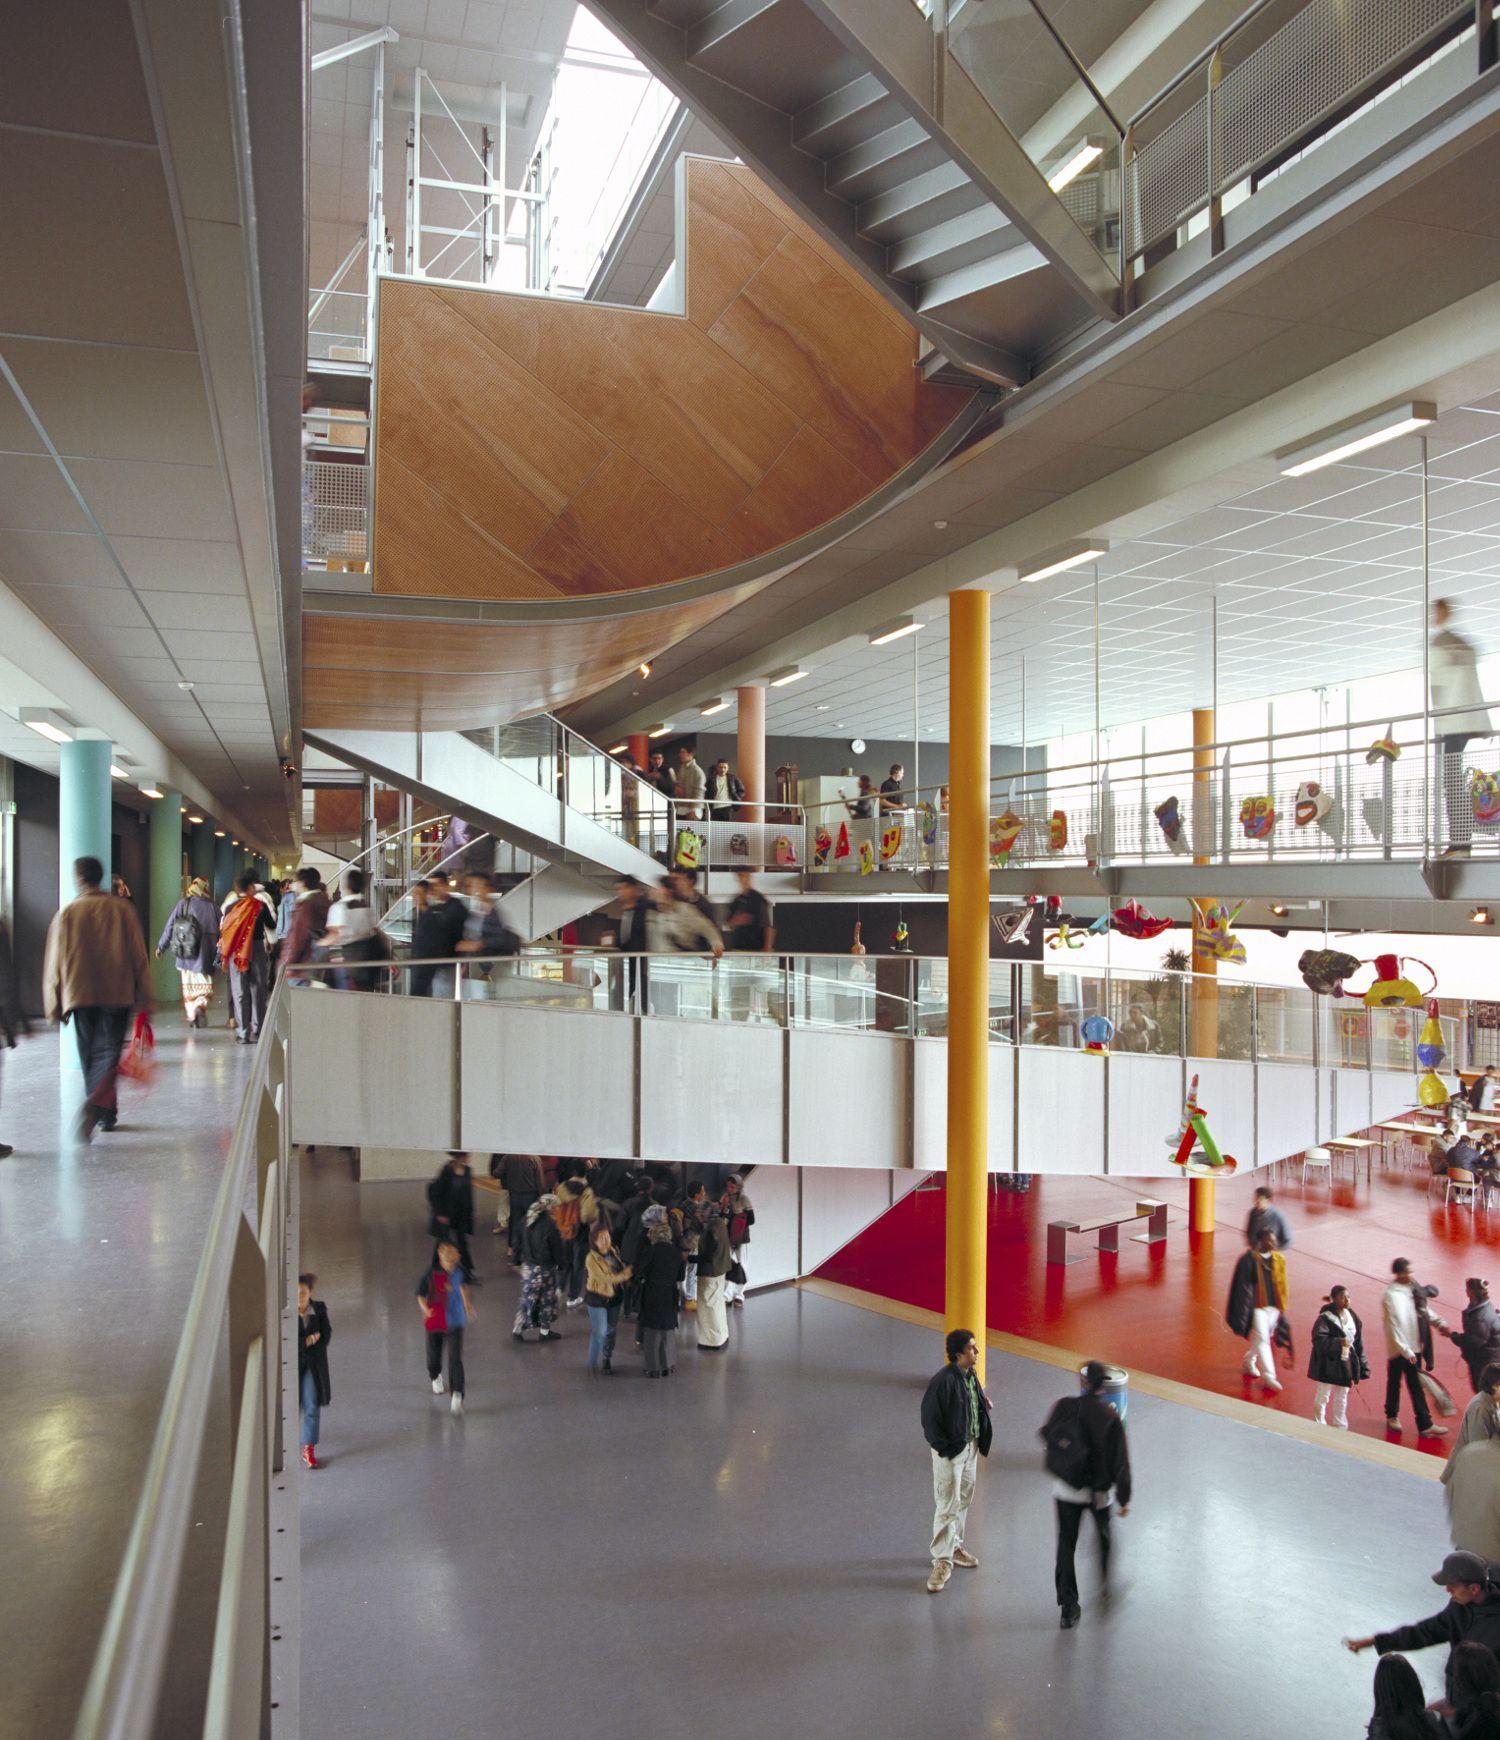 Schools Education3 18 19south Haven: Espacios Educativos, Arquitectura, Espacio